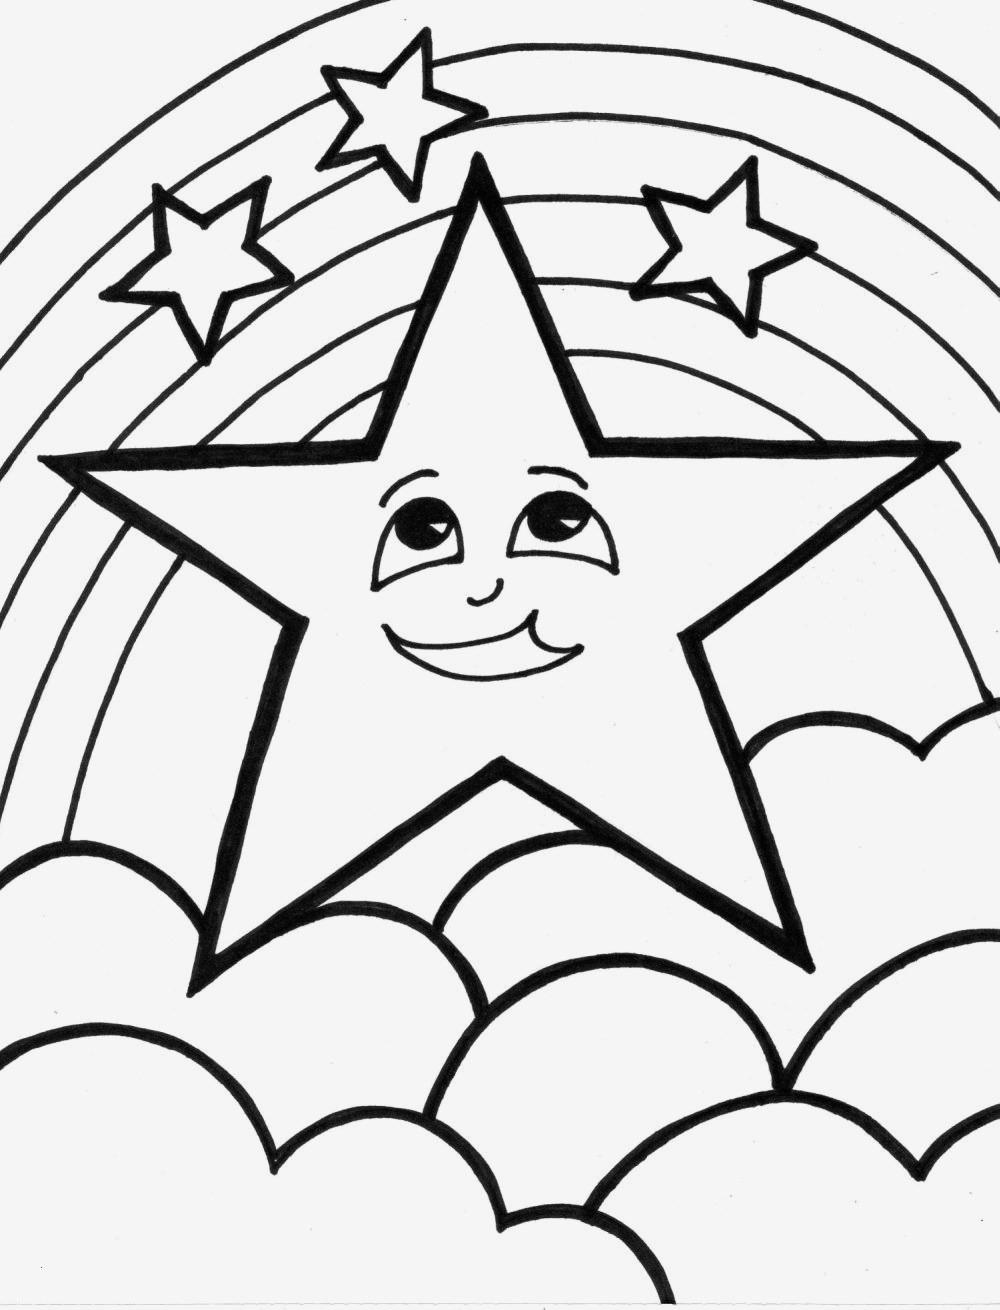 Stern Weihnachten Malvorlage Neu 35 Sterne Ausmalbilder Scoredatscore Schön Weihnachten Ausmalbilder Das Bild